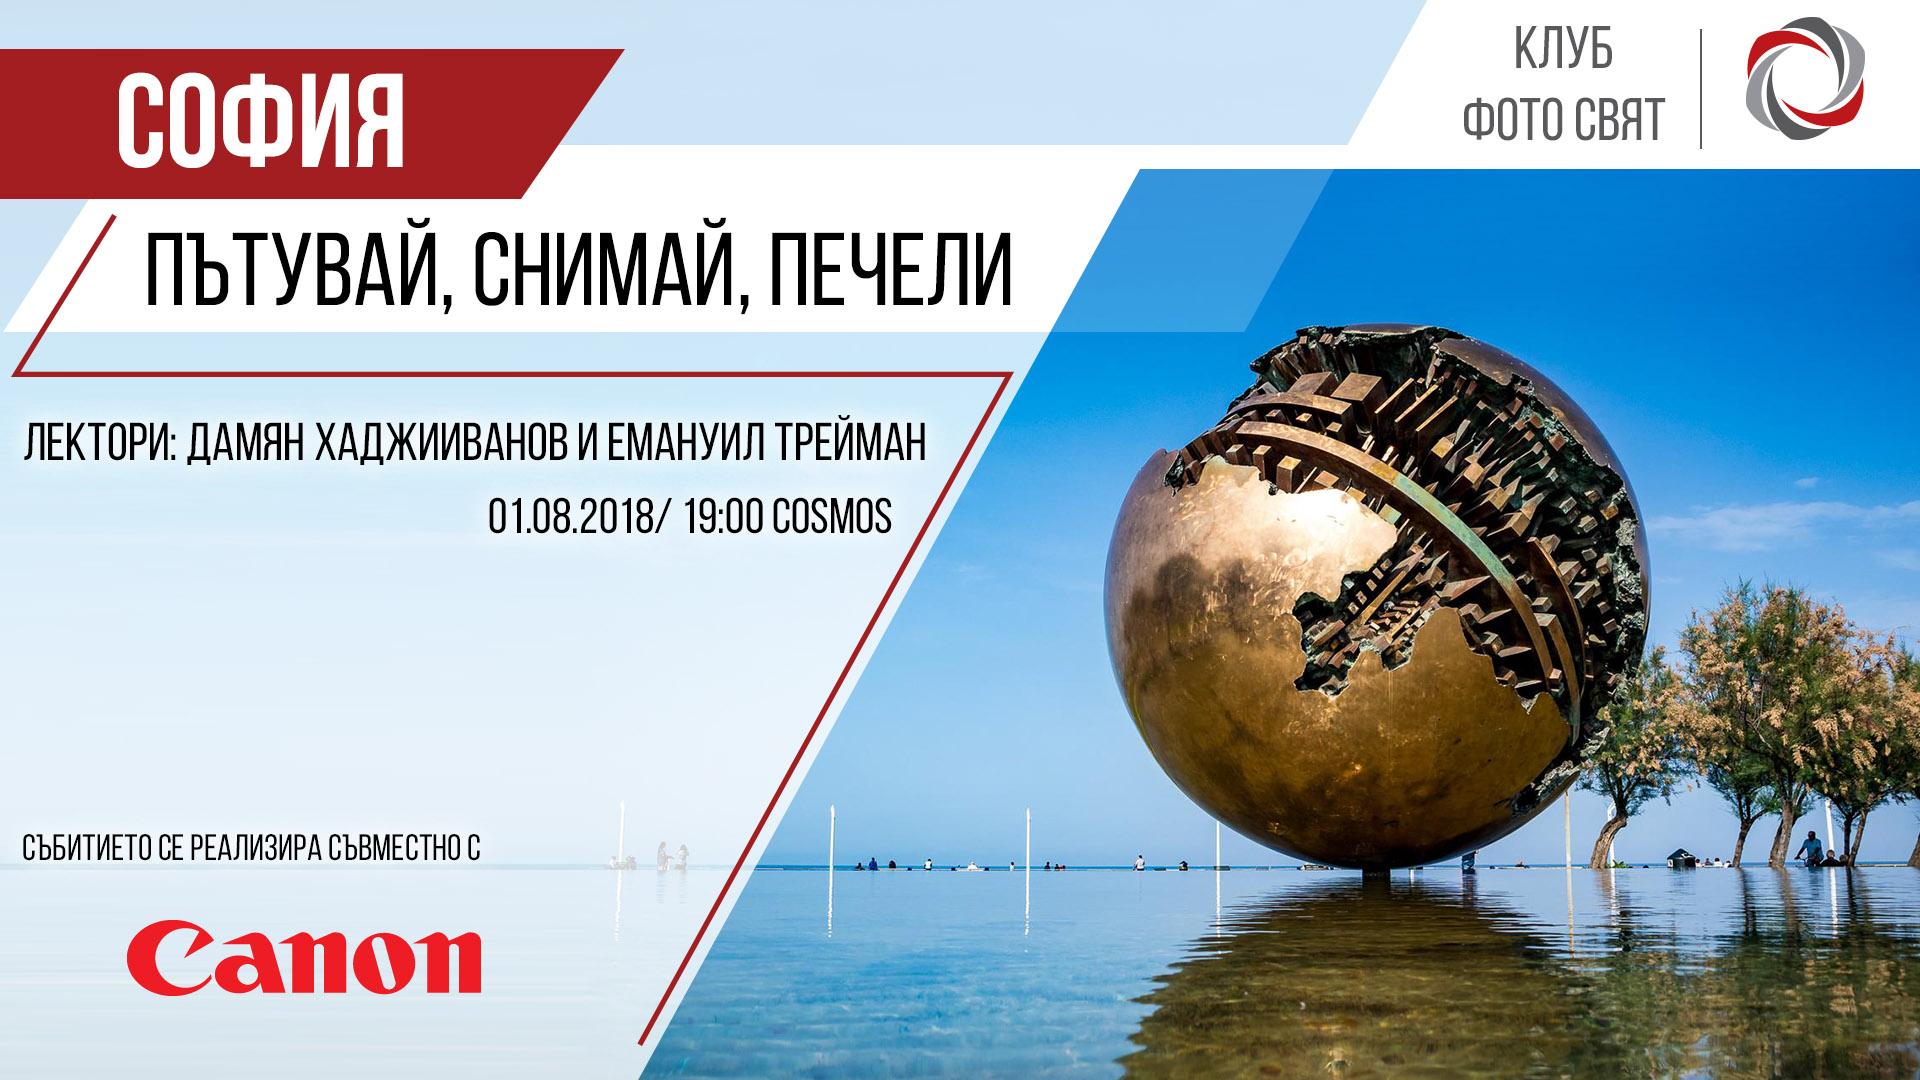 Пътувай, снимай, печели с Дамян Хаджииванов и Емануил Трейман | Canon Bulagaria и Клуб Фото Свят